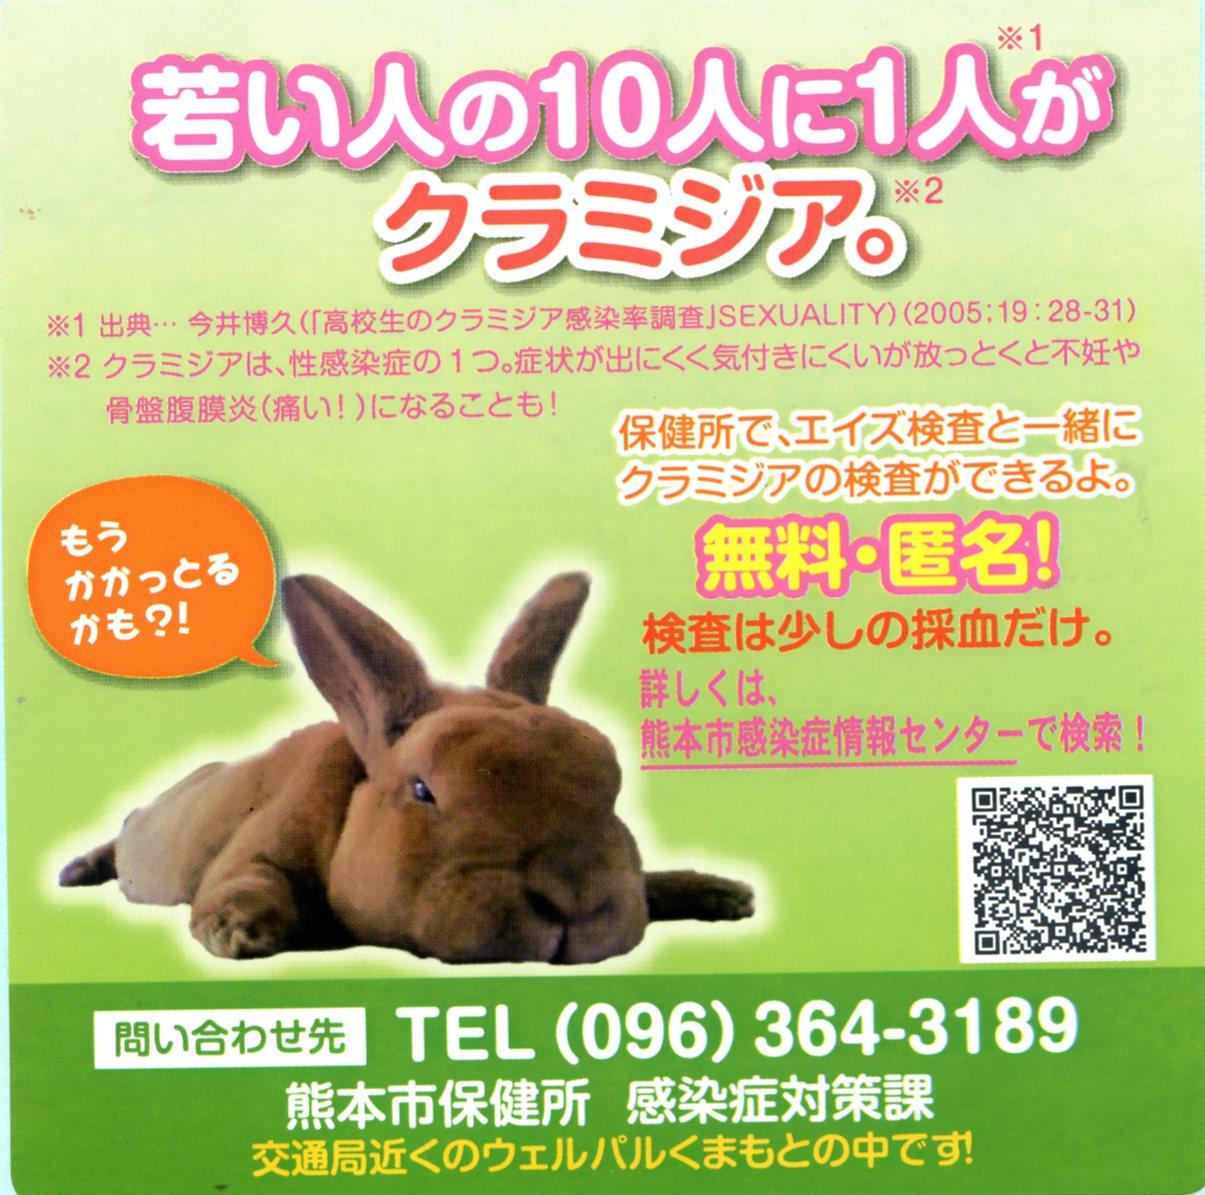 啓発ポスター